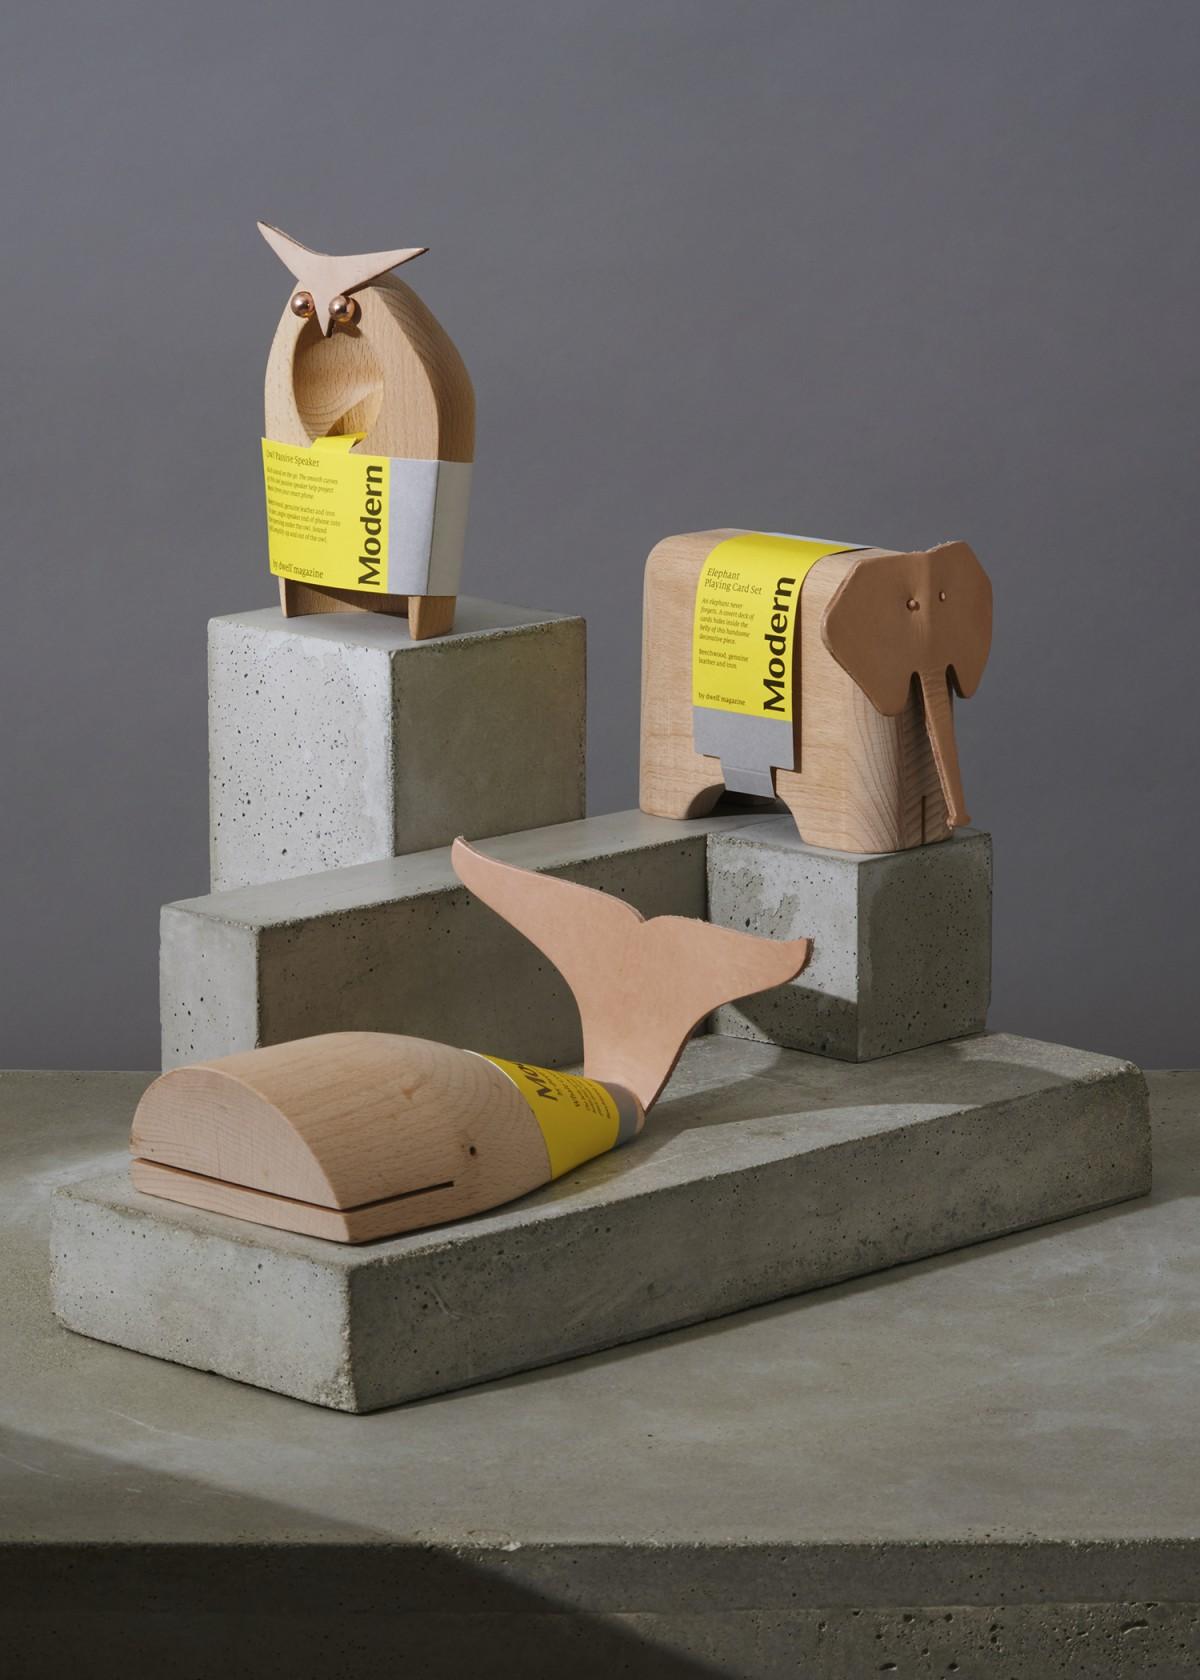 现代家具杂志Modern品牌形象塑造,产品包装设计